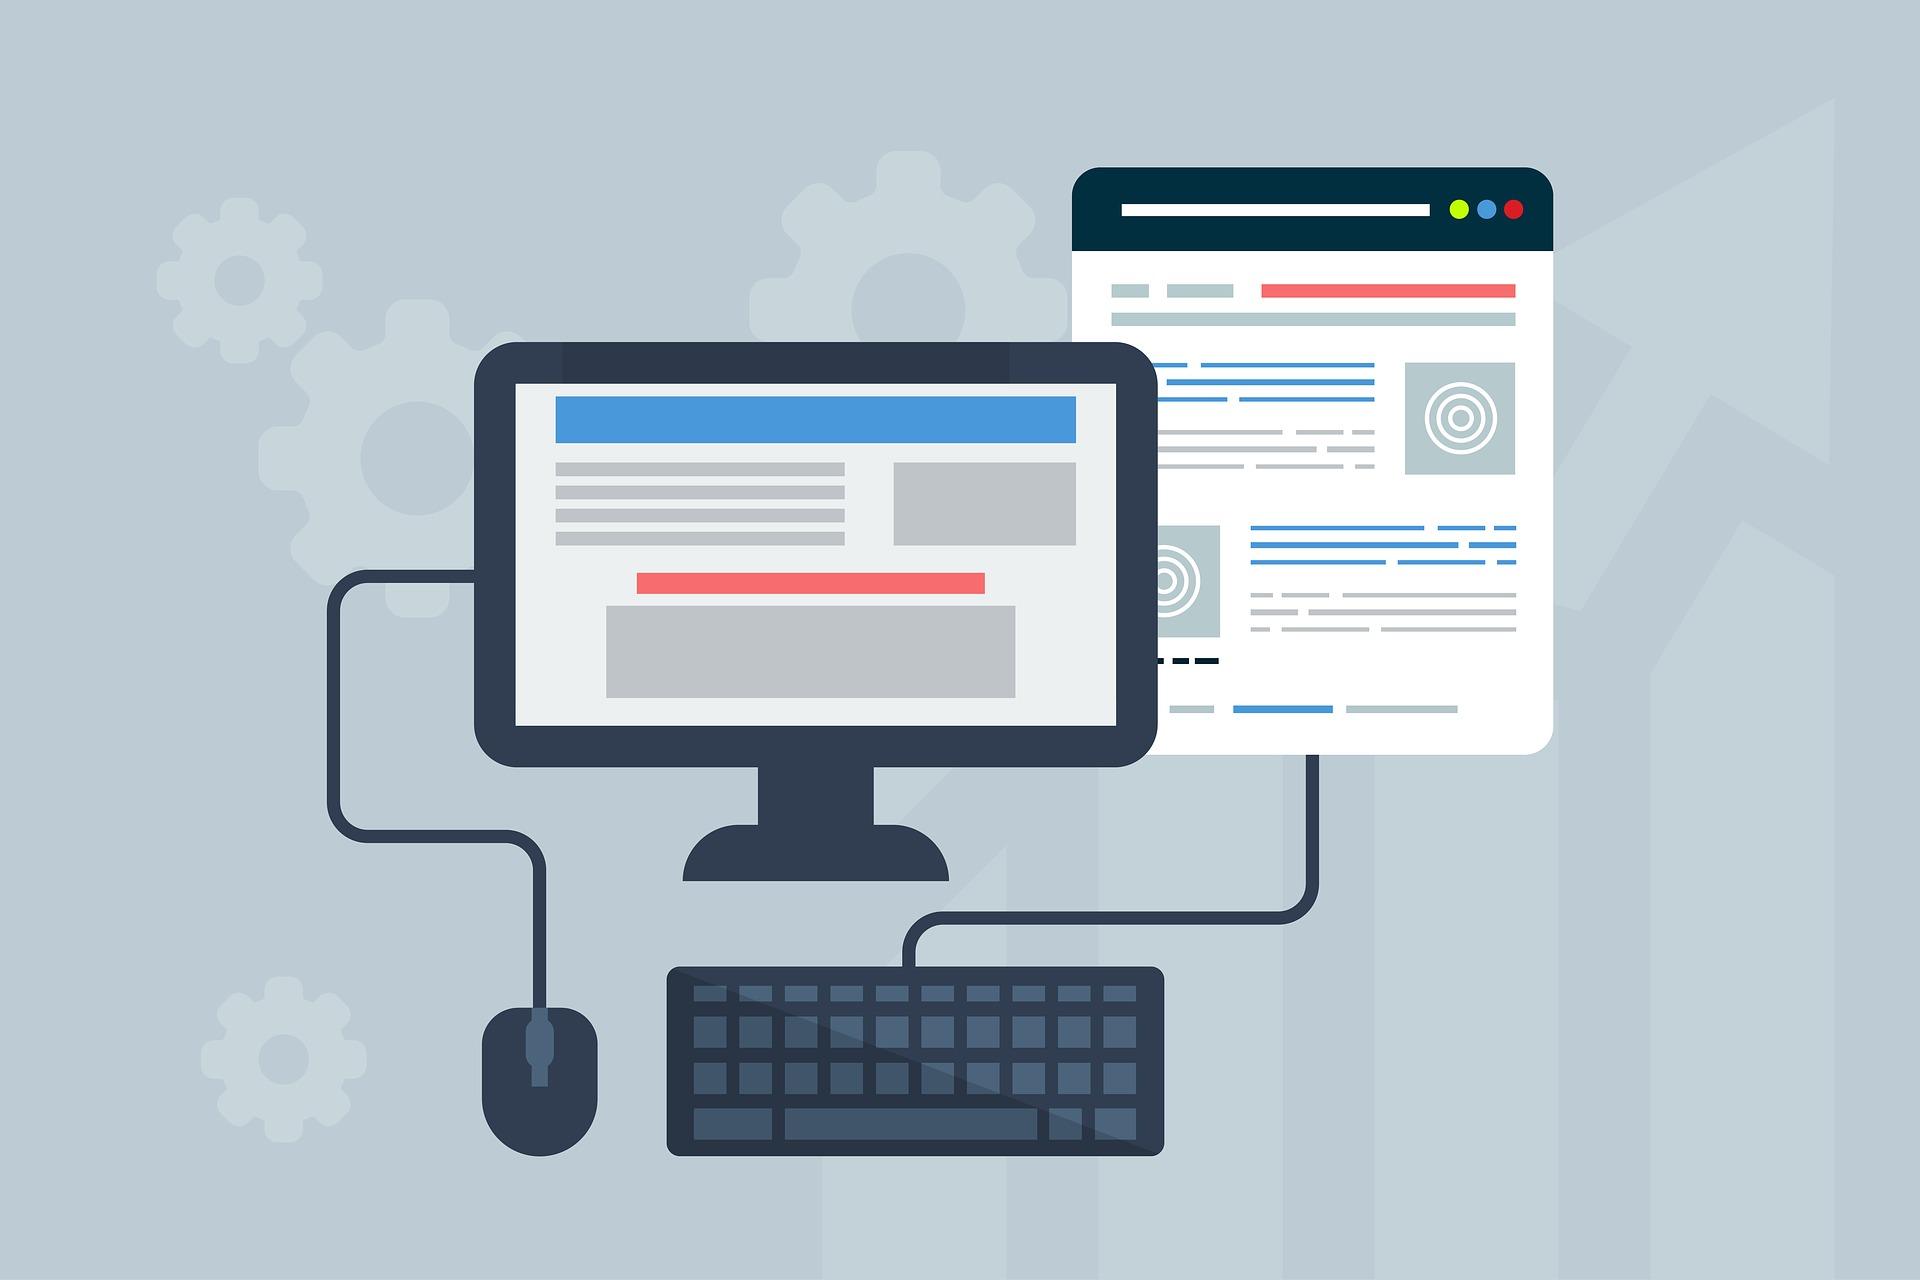 Les métiers du web qui recrutent en 2019 : des infos précieuses à connaître